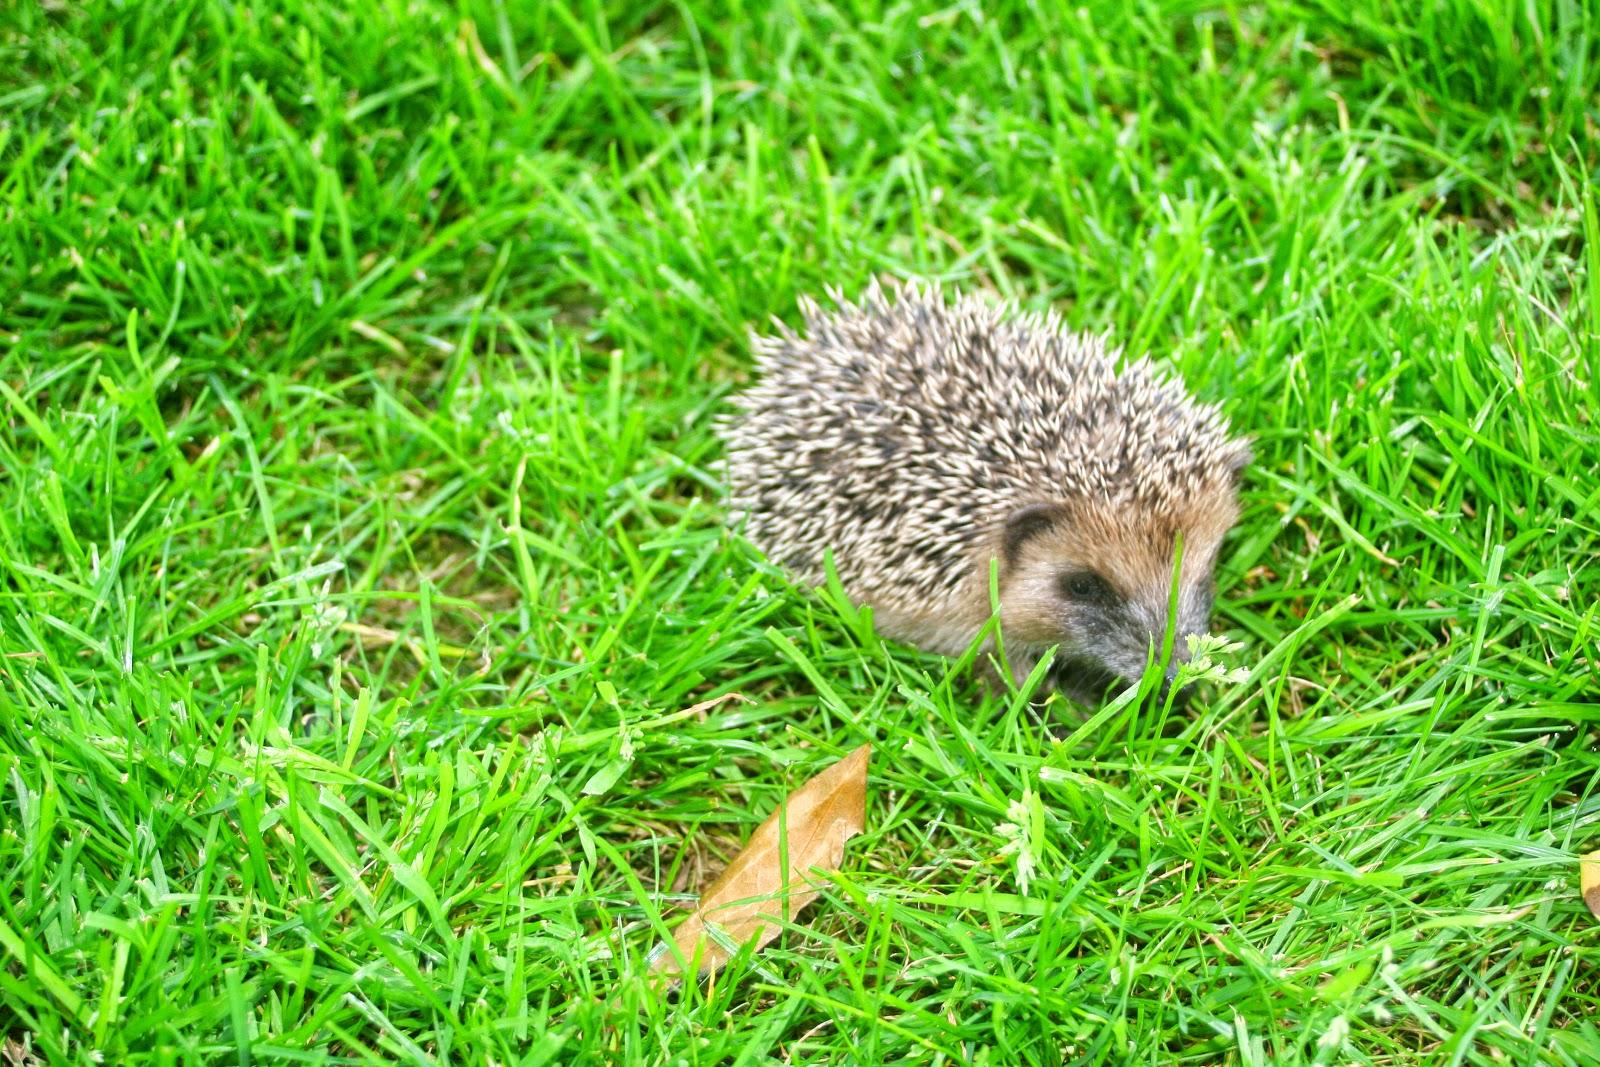 Good news bonnes nouvelles un b b h risson dans mon jardin for Herisson dans mon jardin